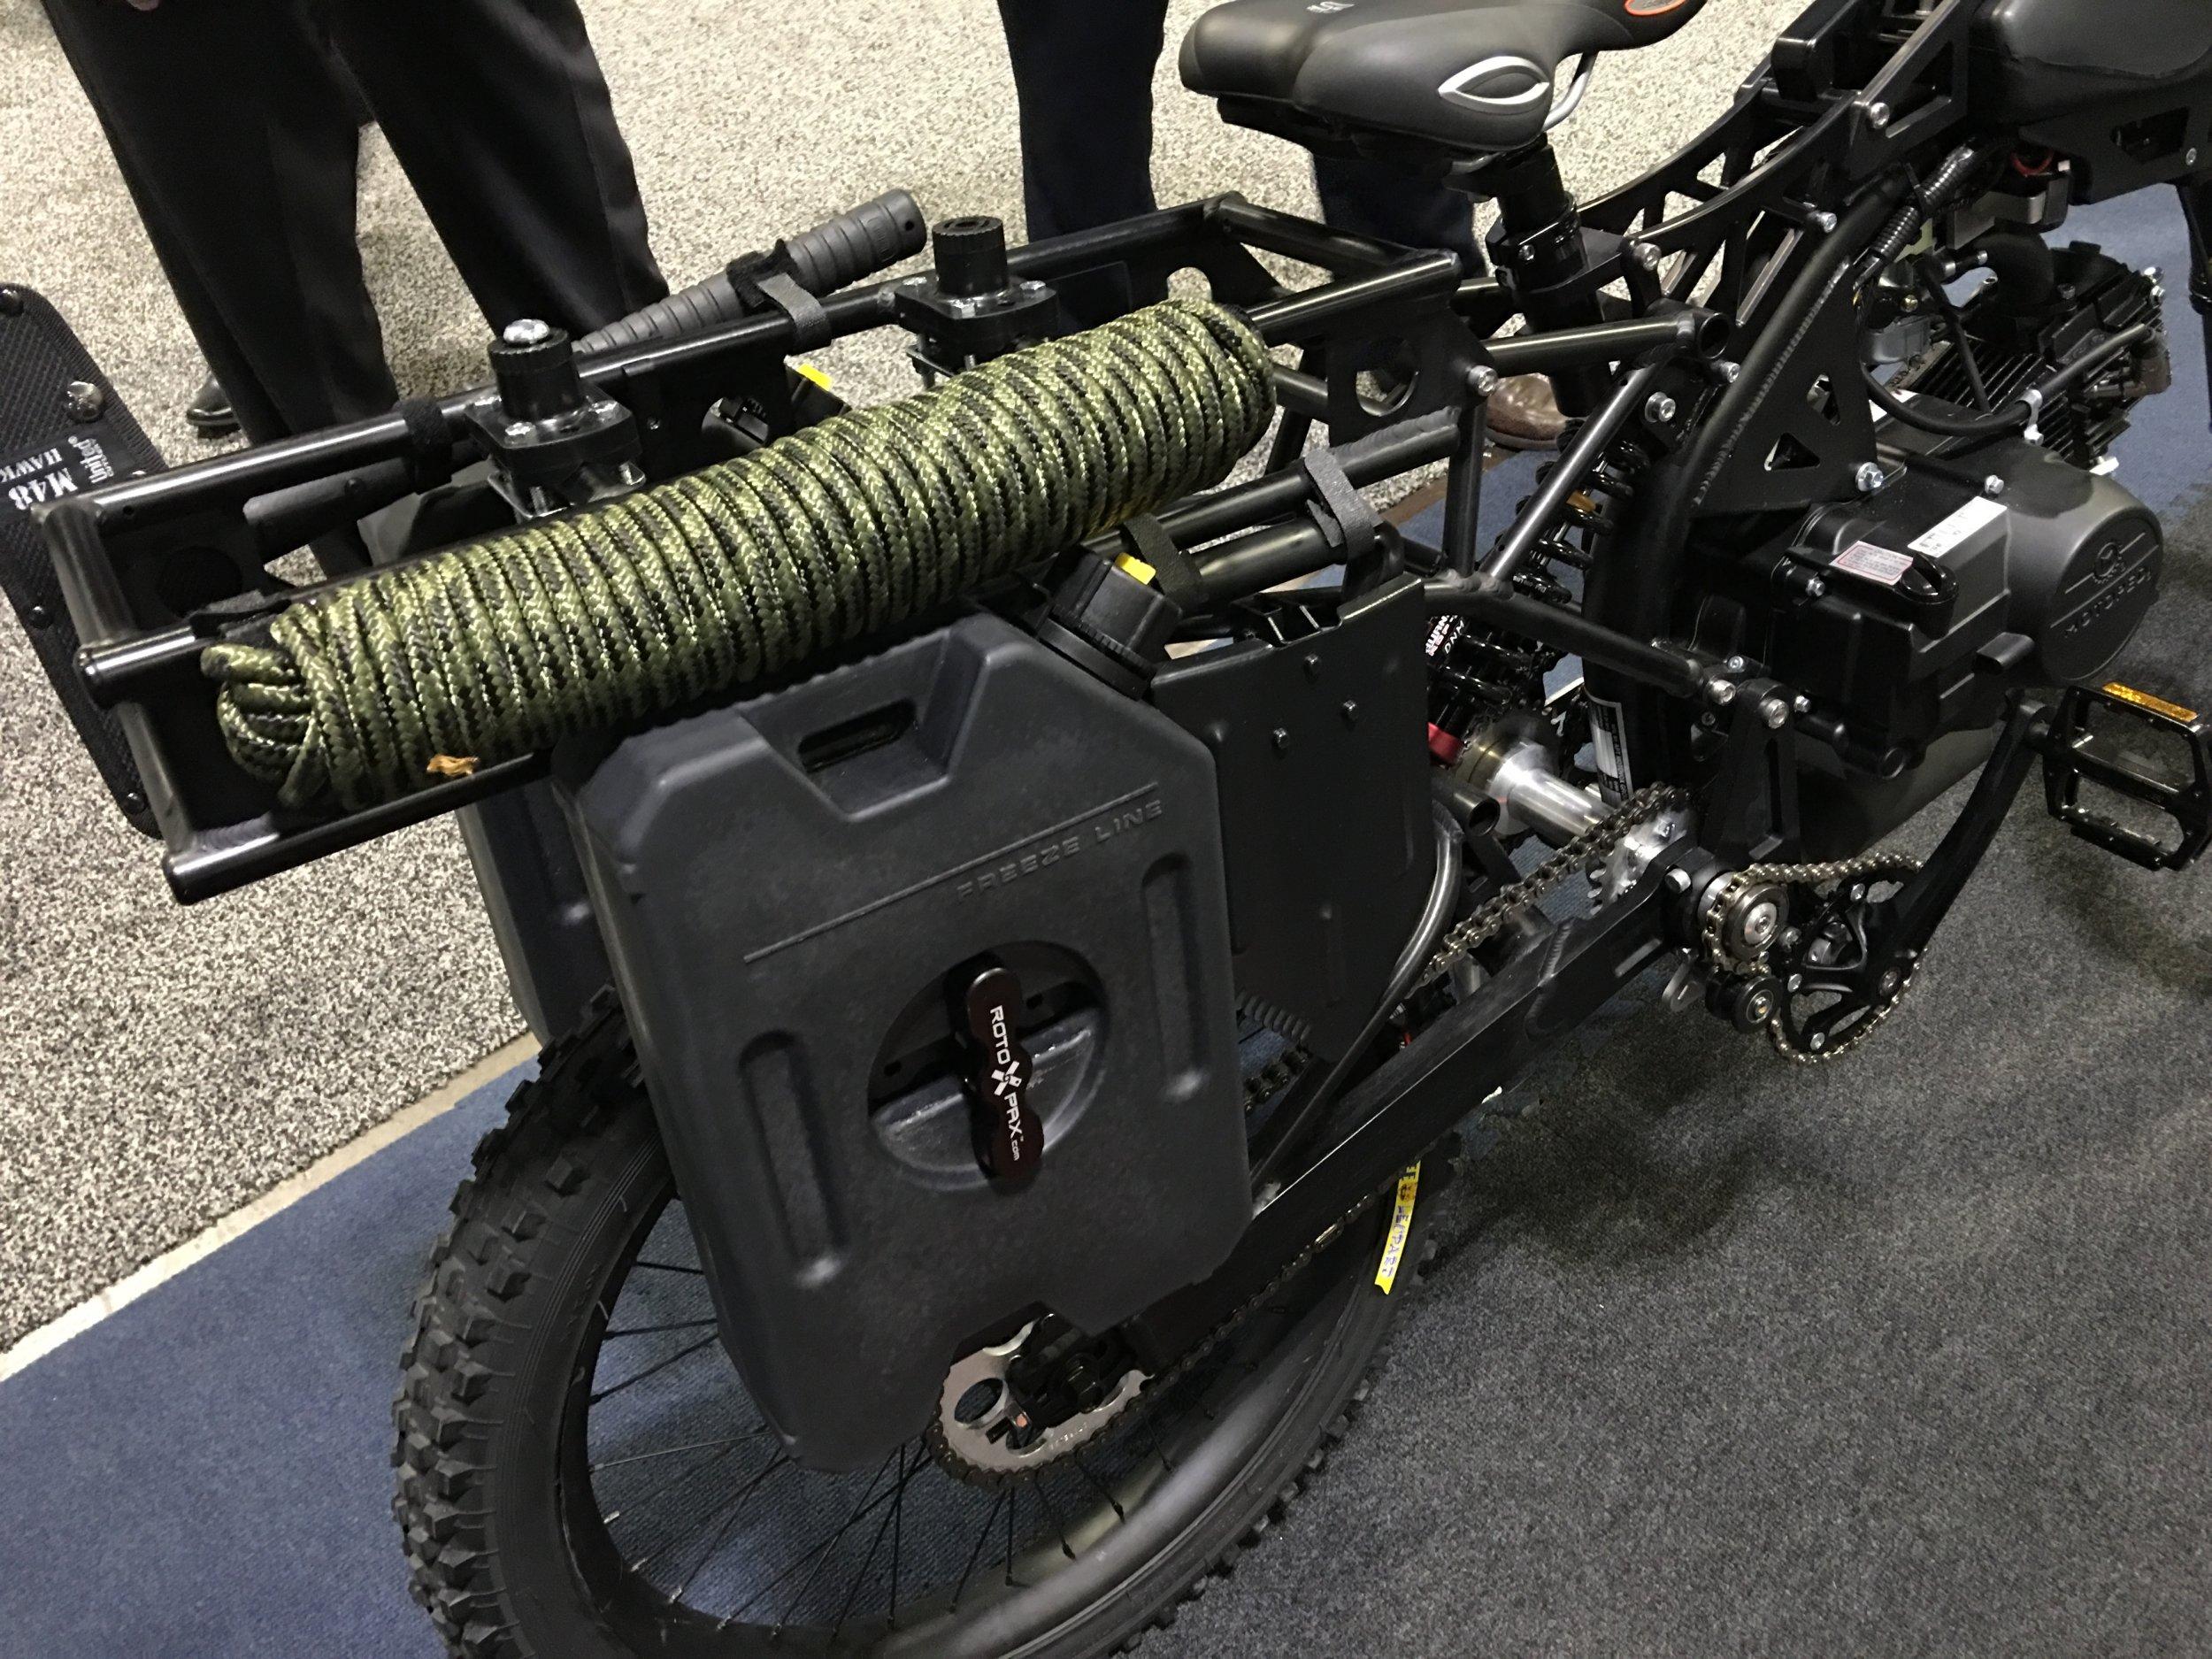 Motoped Survival Bike All Terrain Motorized Military